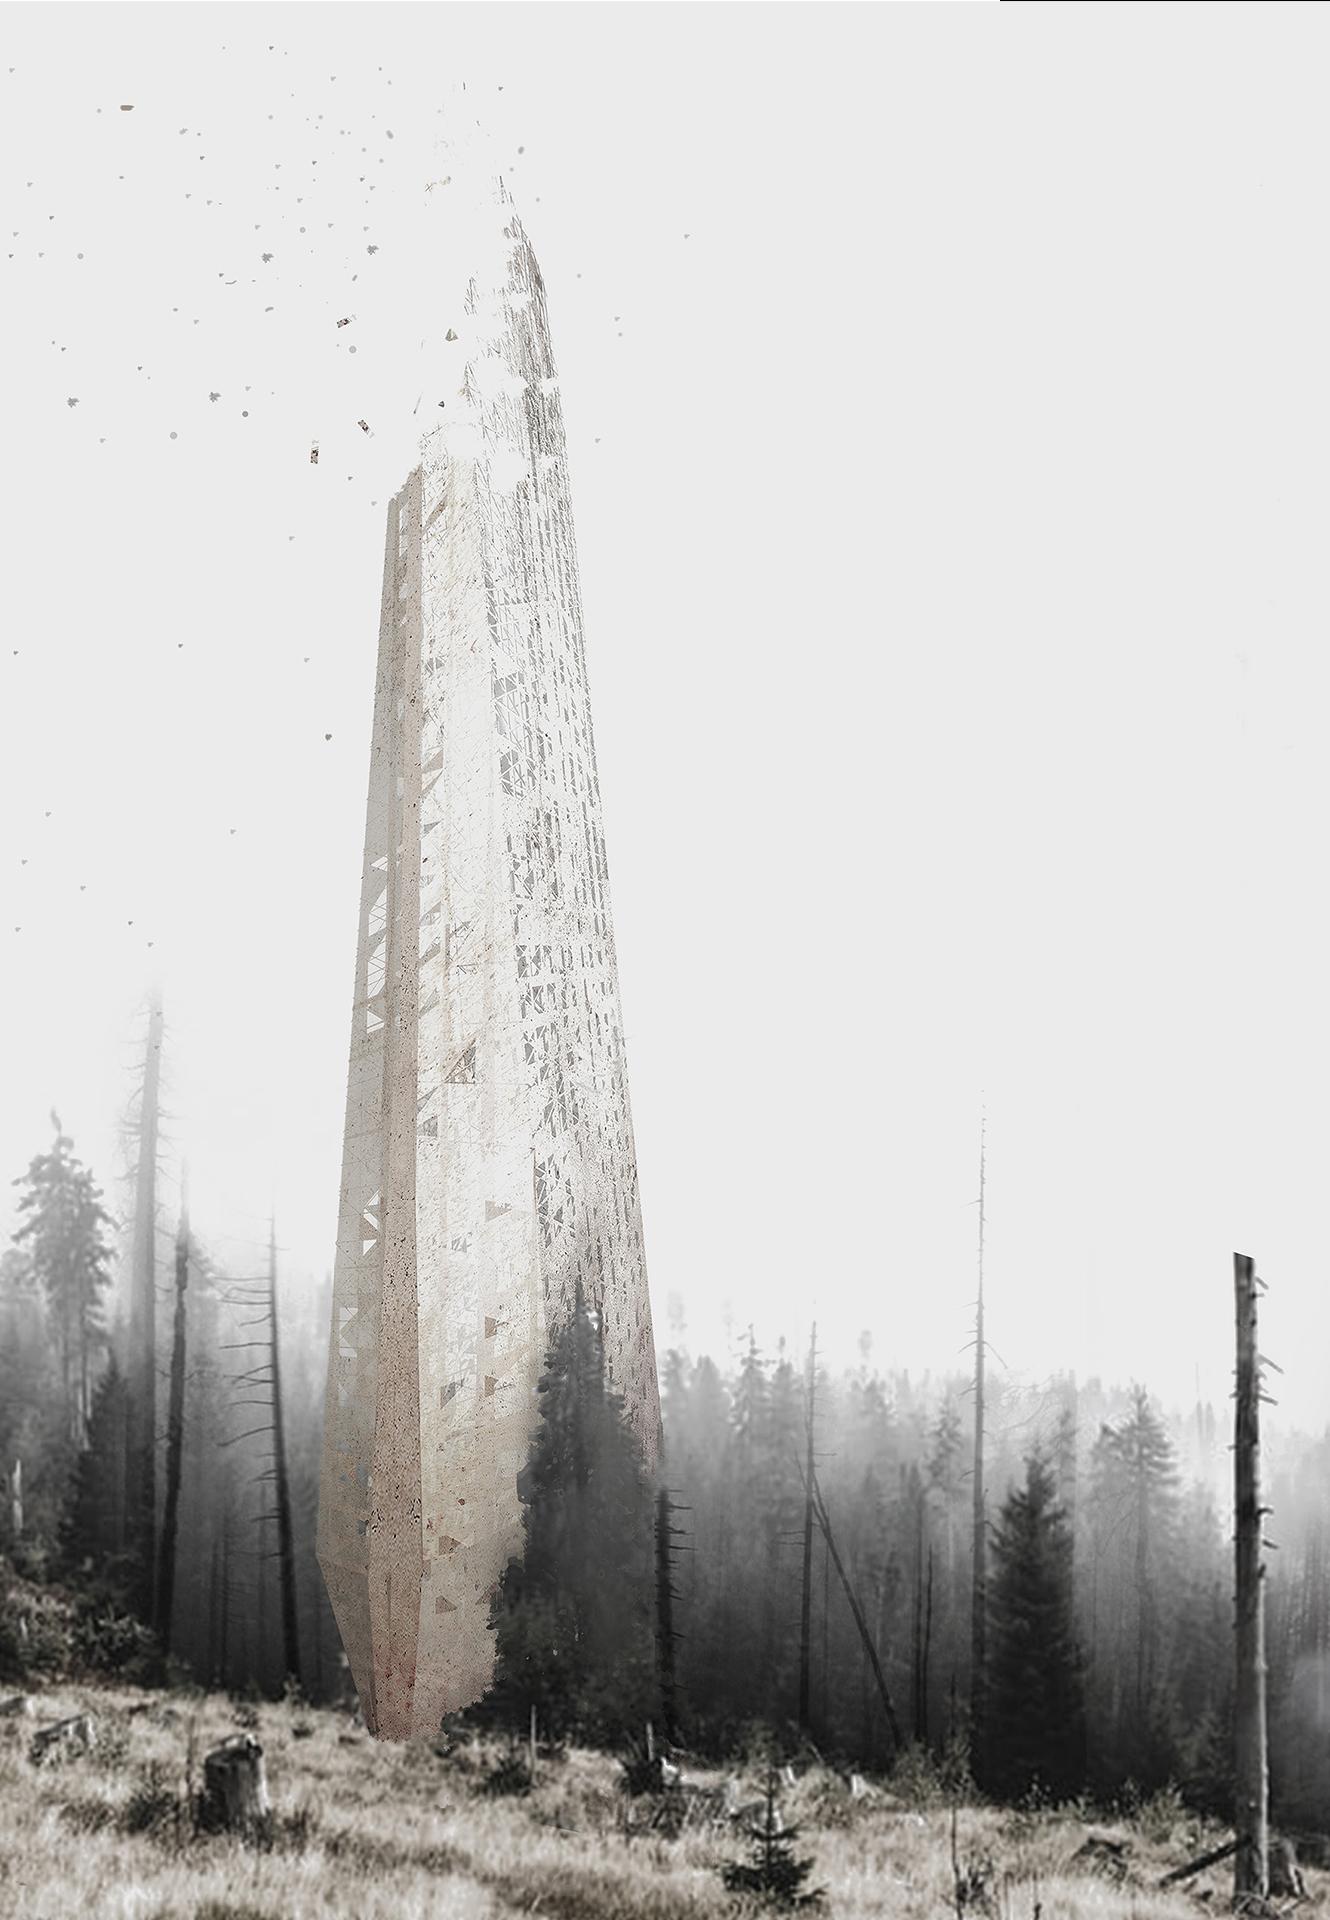 skyscraper in the woods